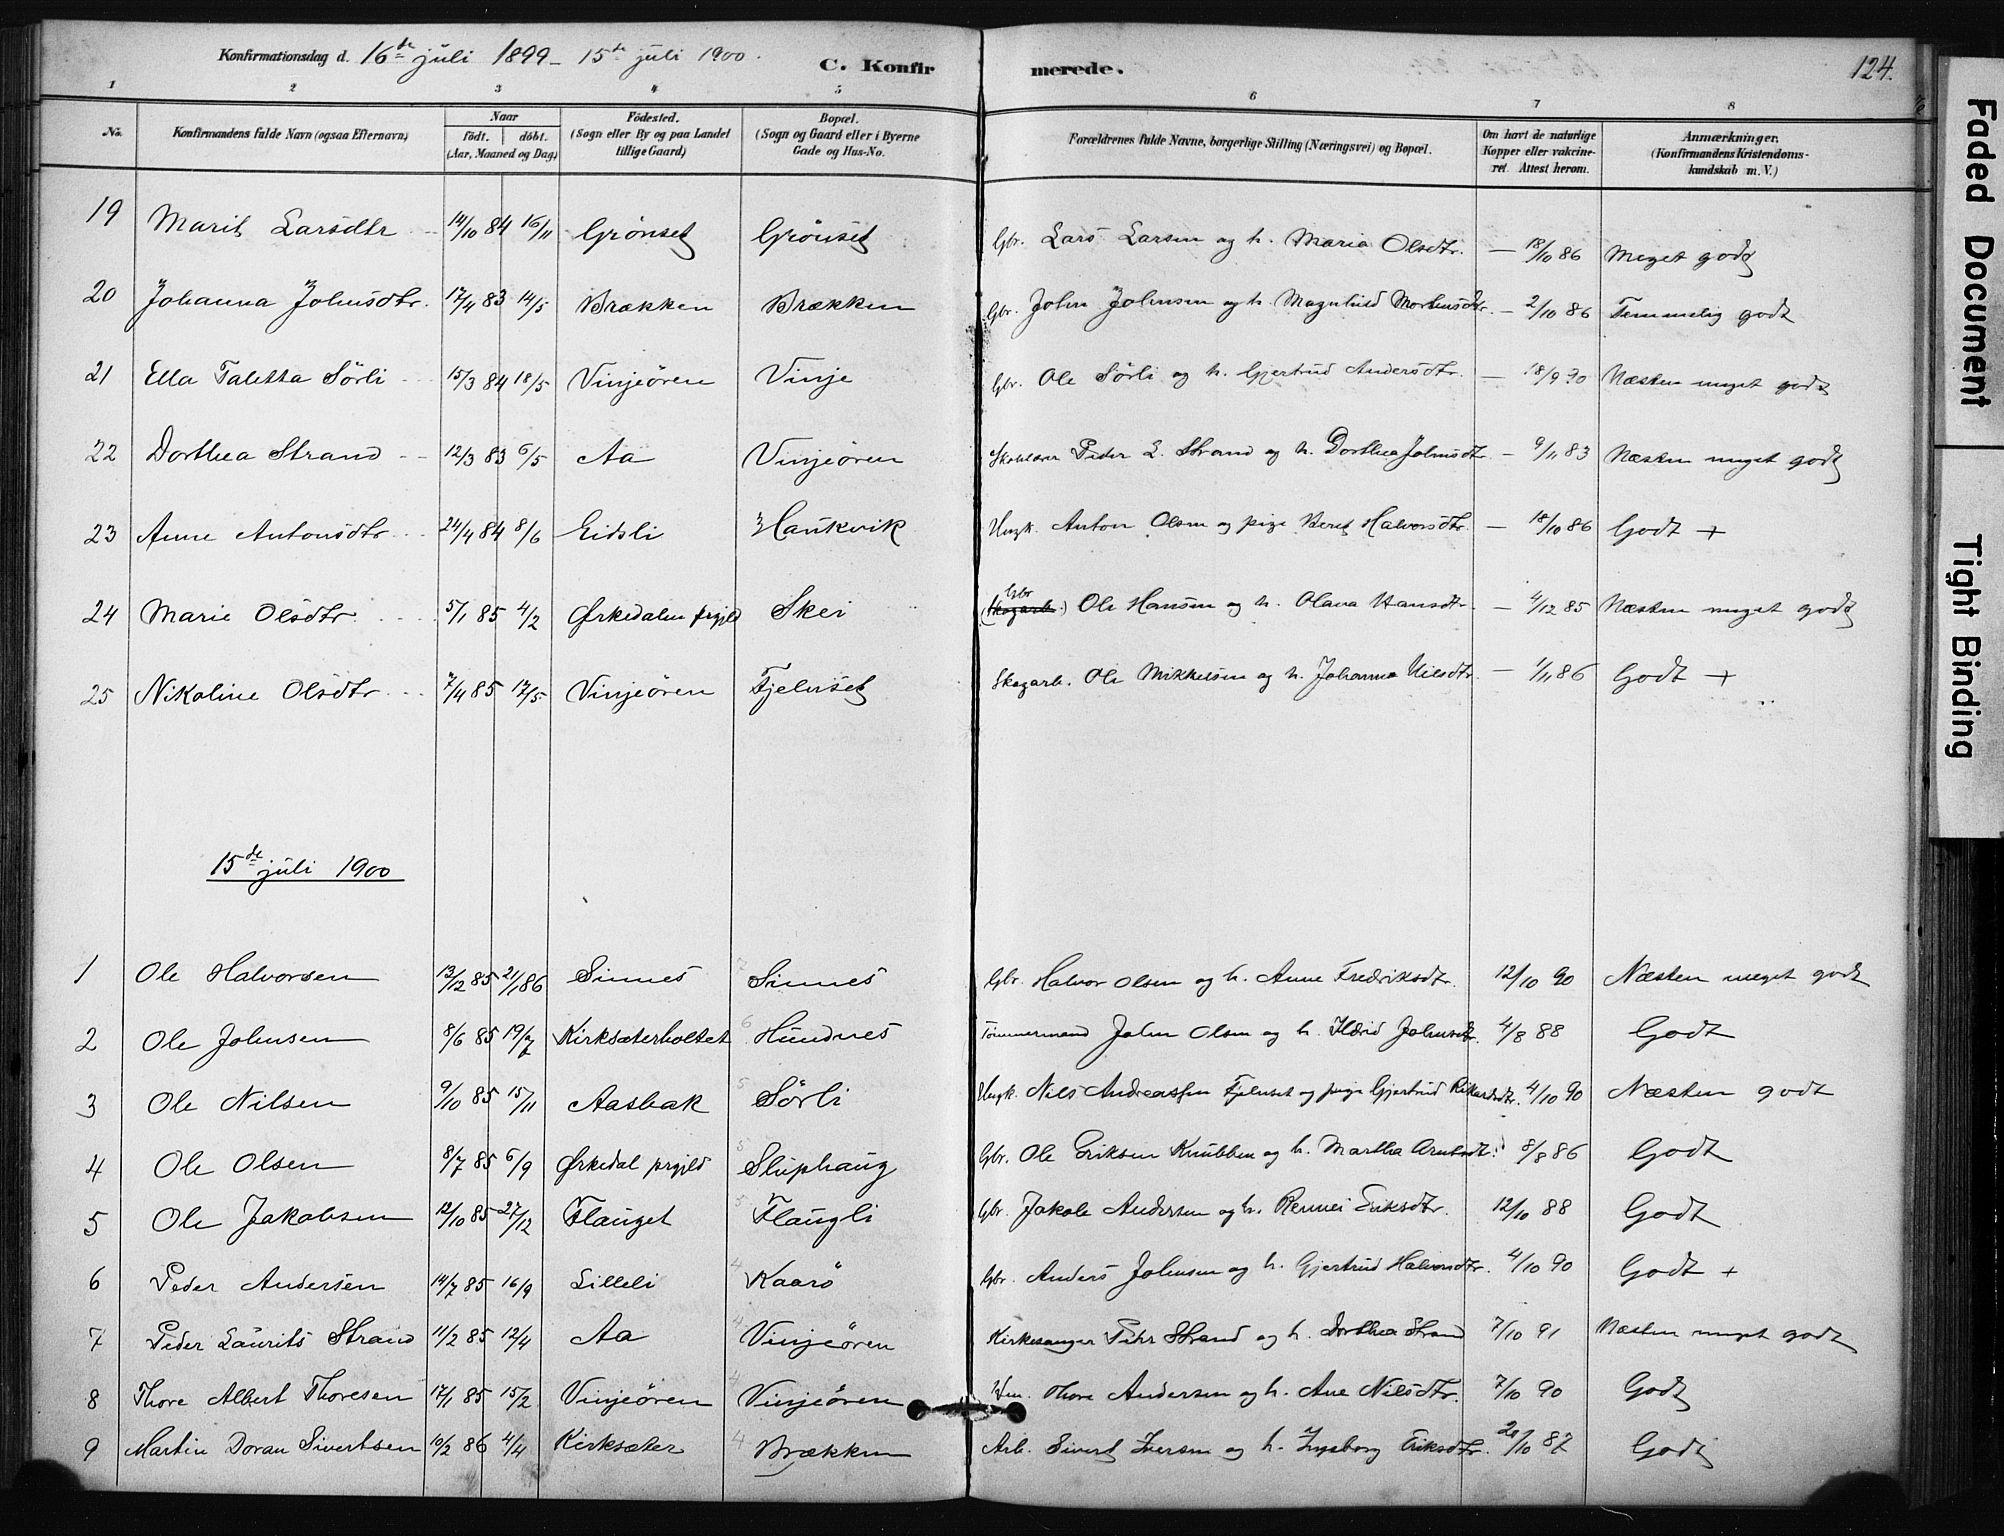 SAT, Ministerialprotokoller, klokkerbøker og fødselsregistre - Sør-Trøndelag, 631/L0512: Ministerialbok nr. 631A01, 1879-1912, s. 124